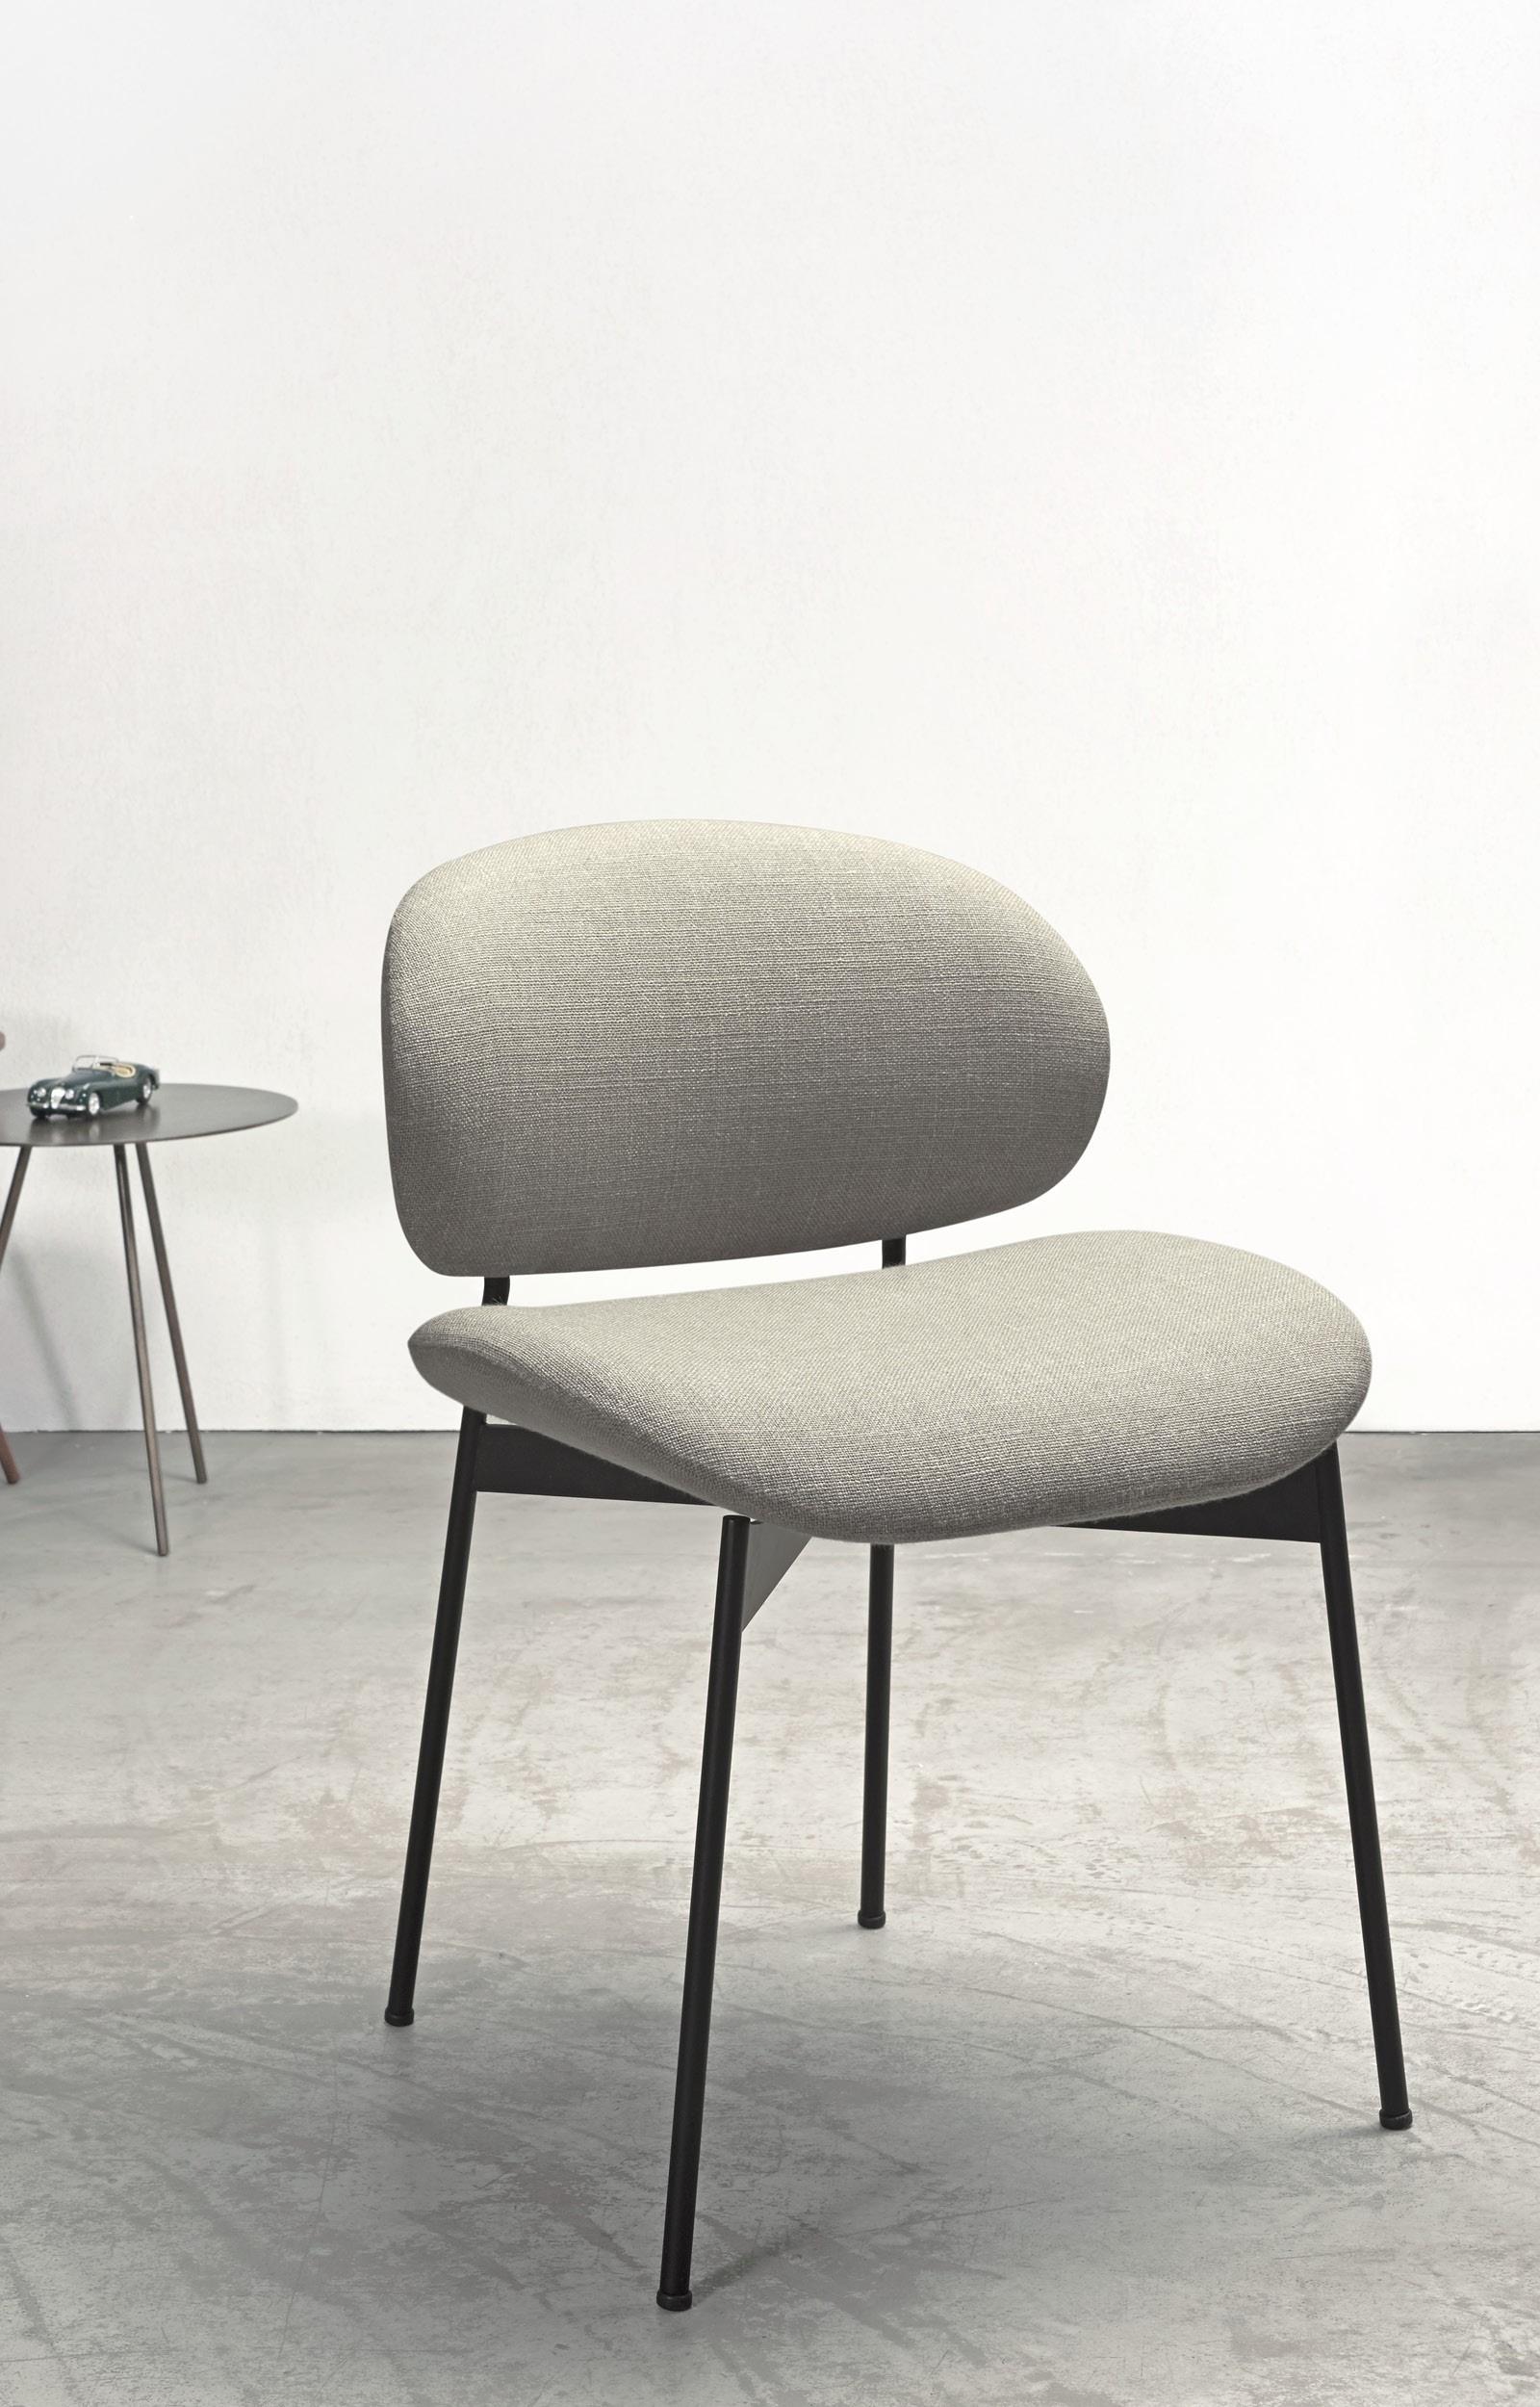 De ronde luz stoel van more is een subtiele knippoog naar de cocktail stoelen uit de jaren '50. de luz is ...